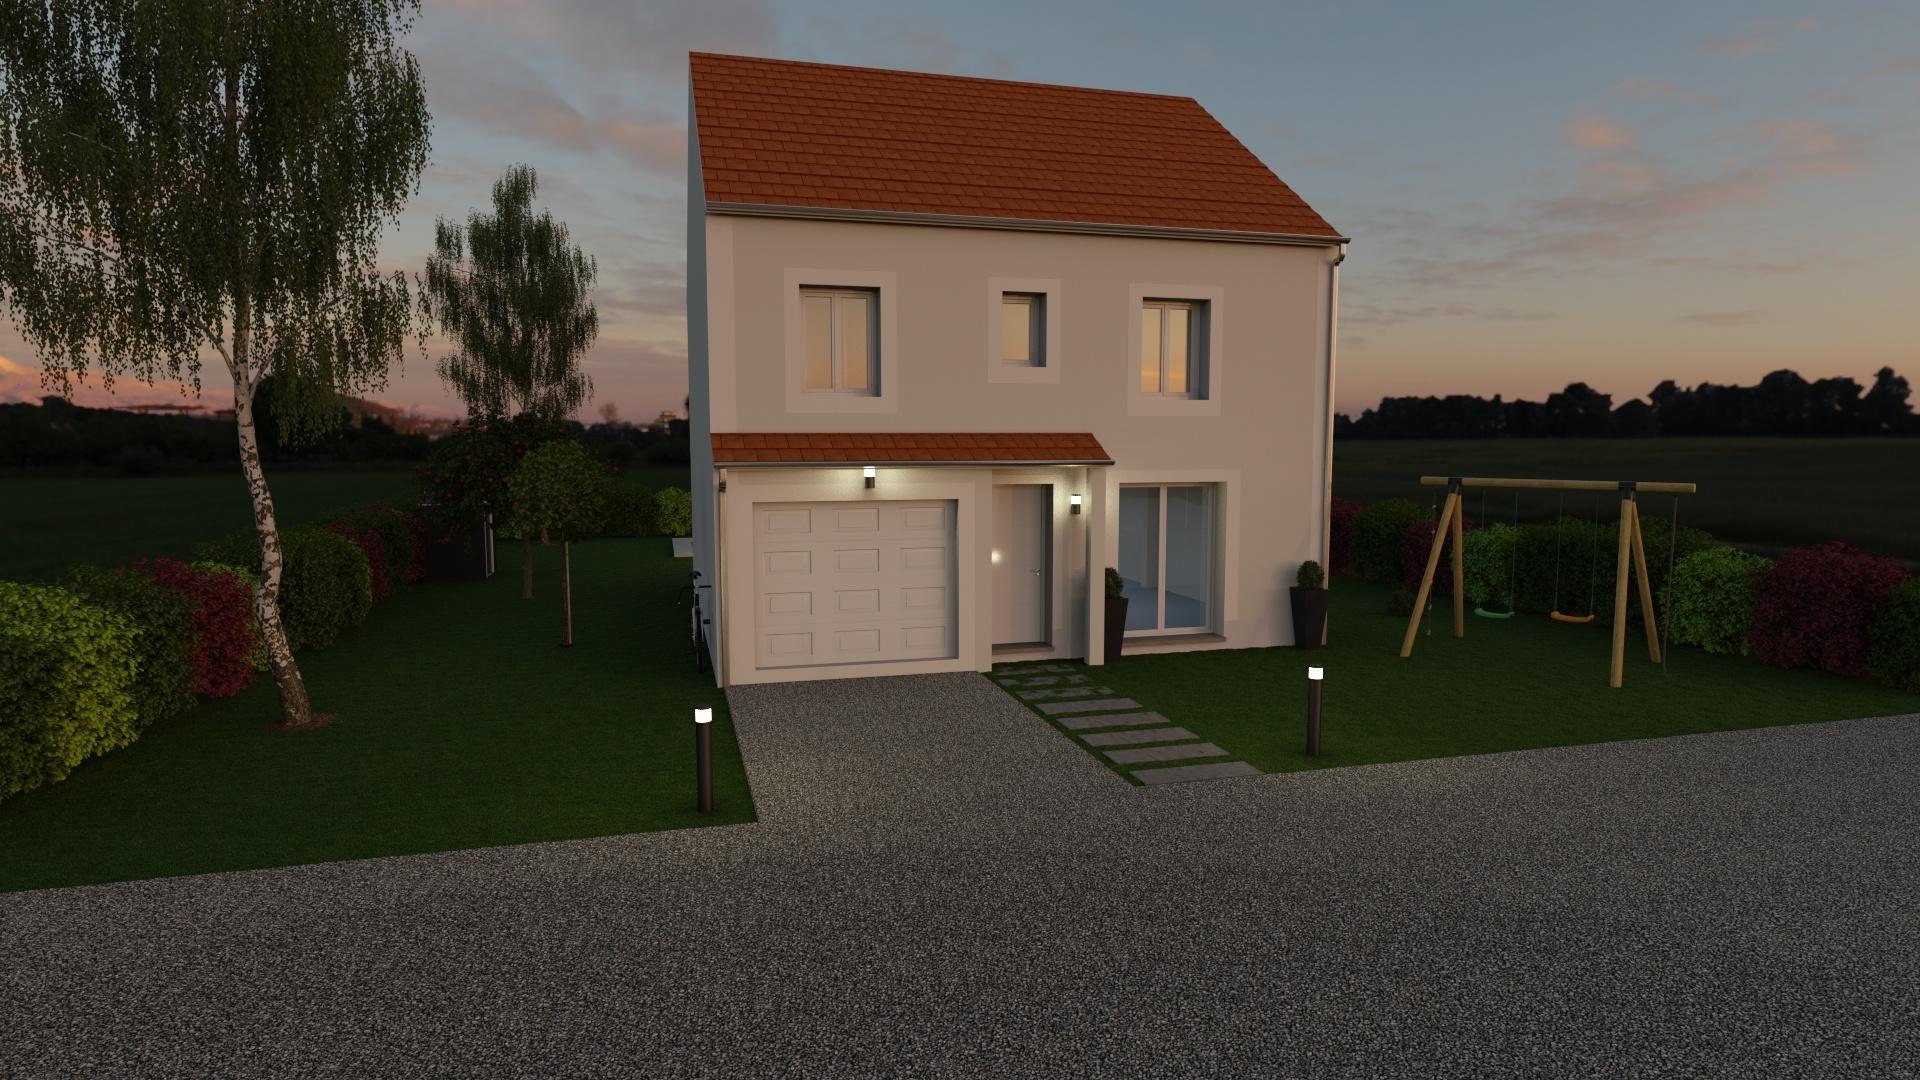 Maisons + Terrains du constructeur MAISON FAMILIALE • 105 m² • LA FERTE SOUS JOUARRE